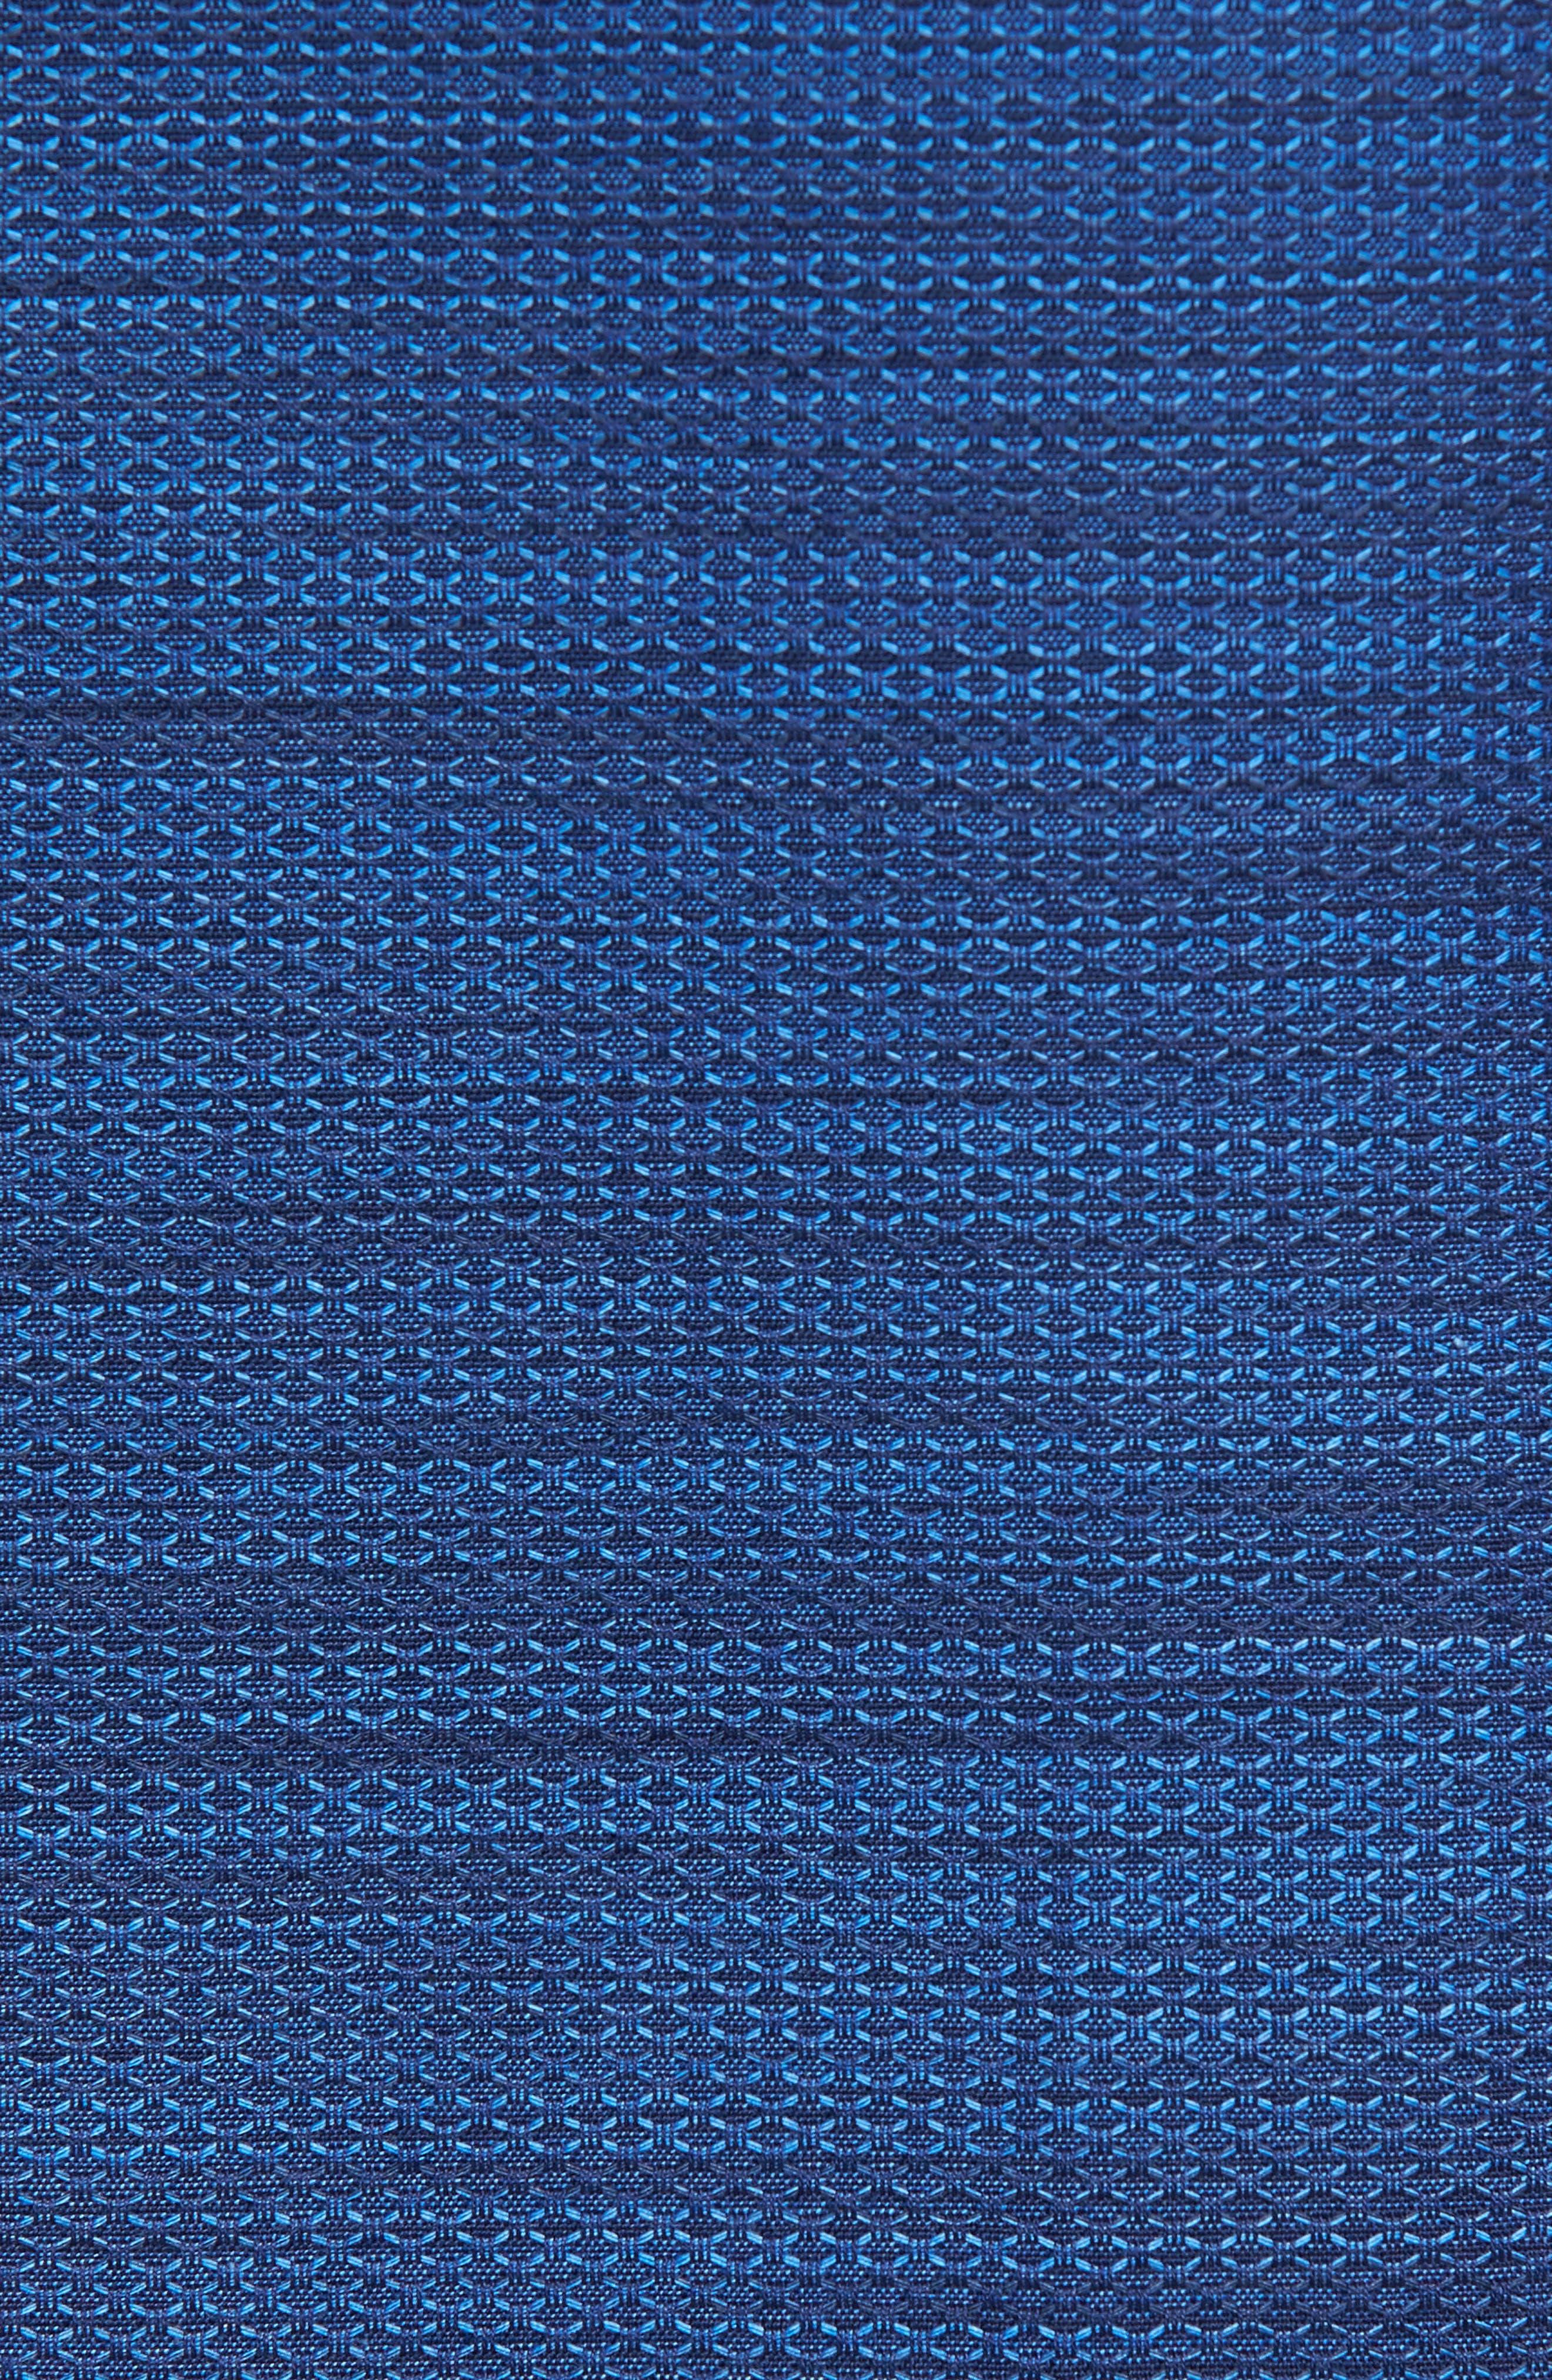 Slim Fit Mélange Textured Sport Shirt,                             Alternate thumbnail 5, color,                             430